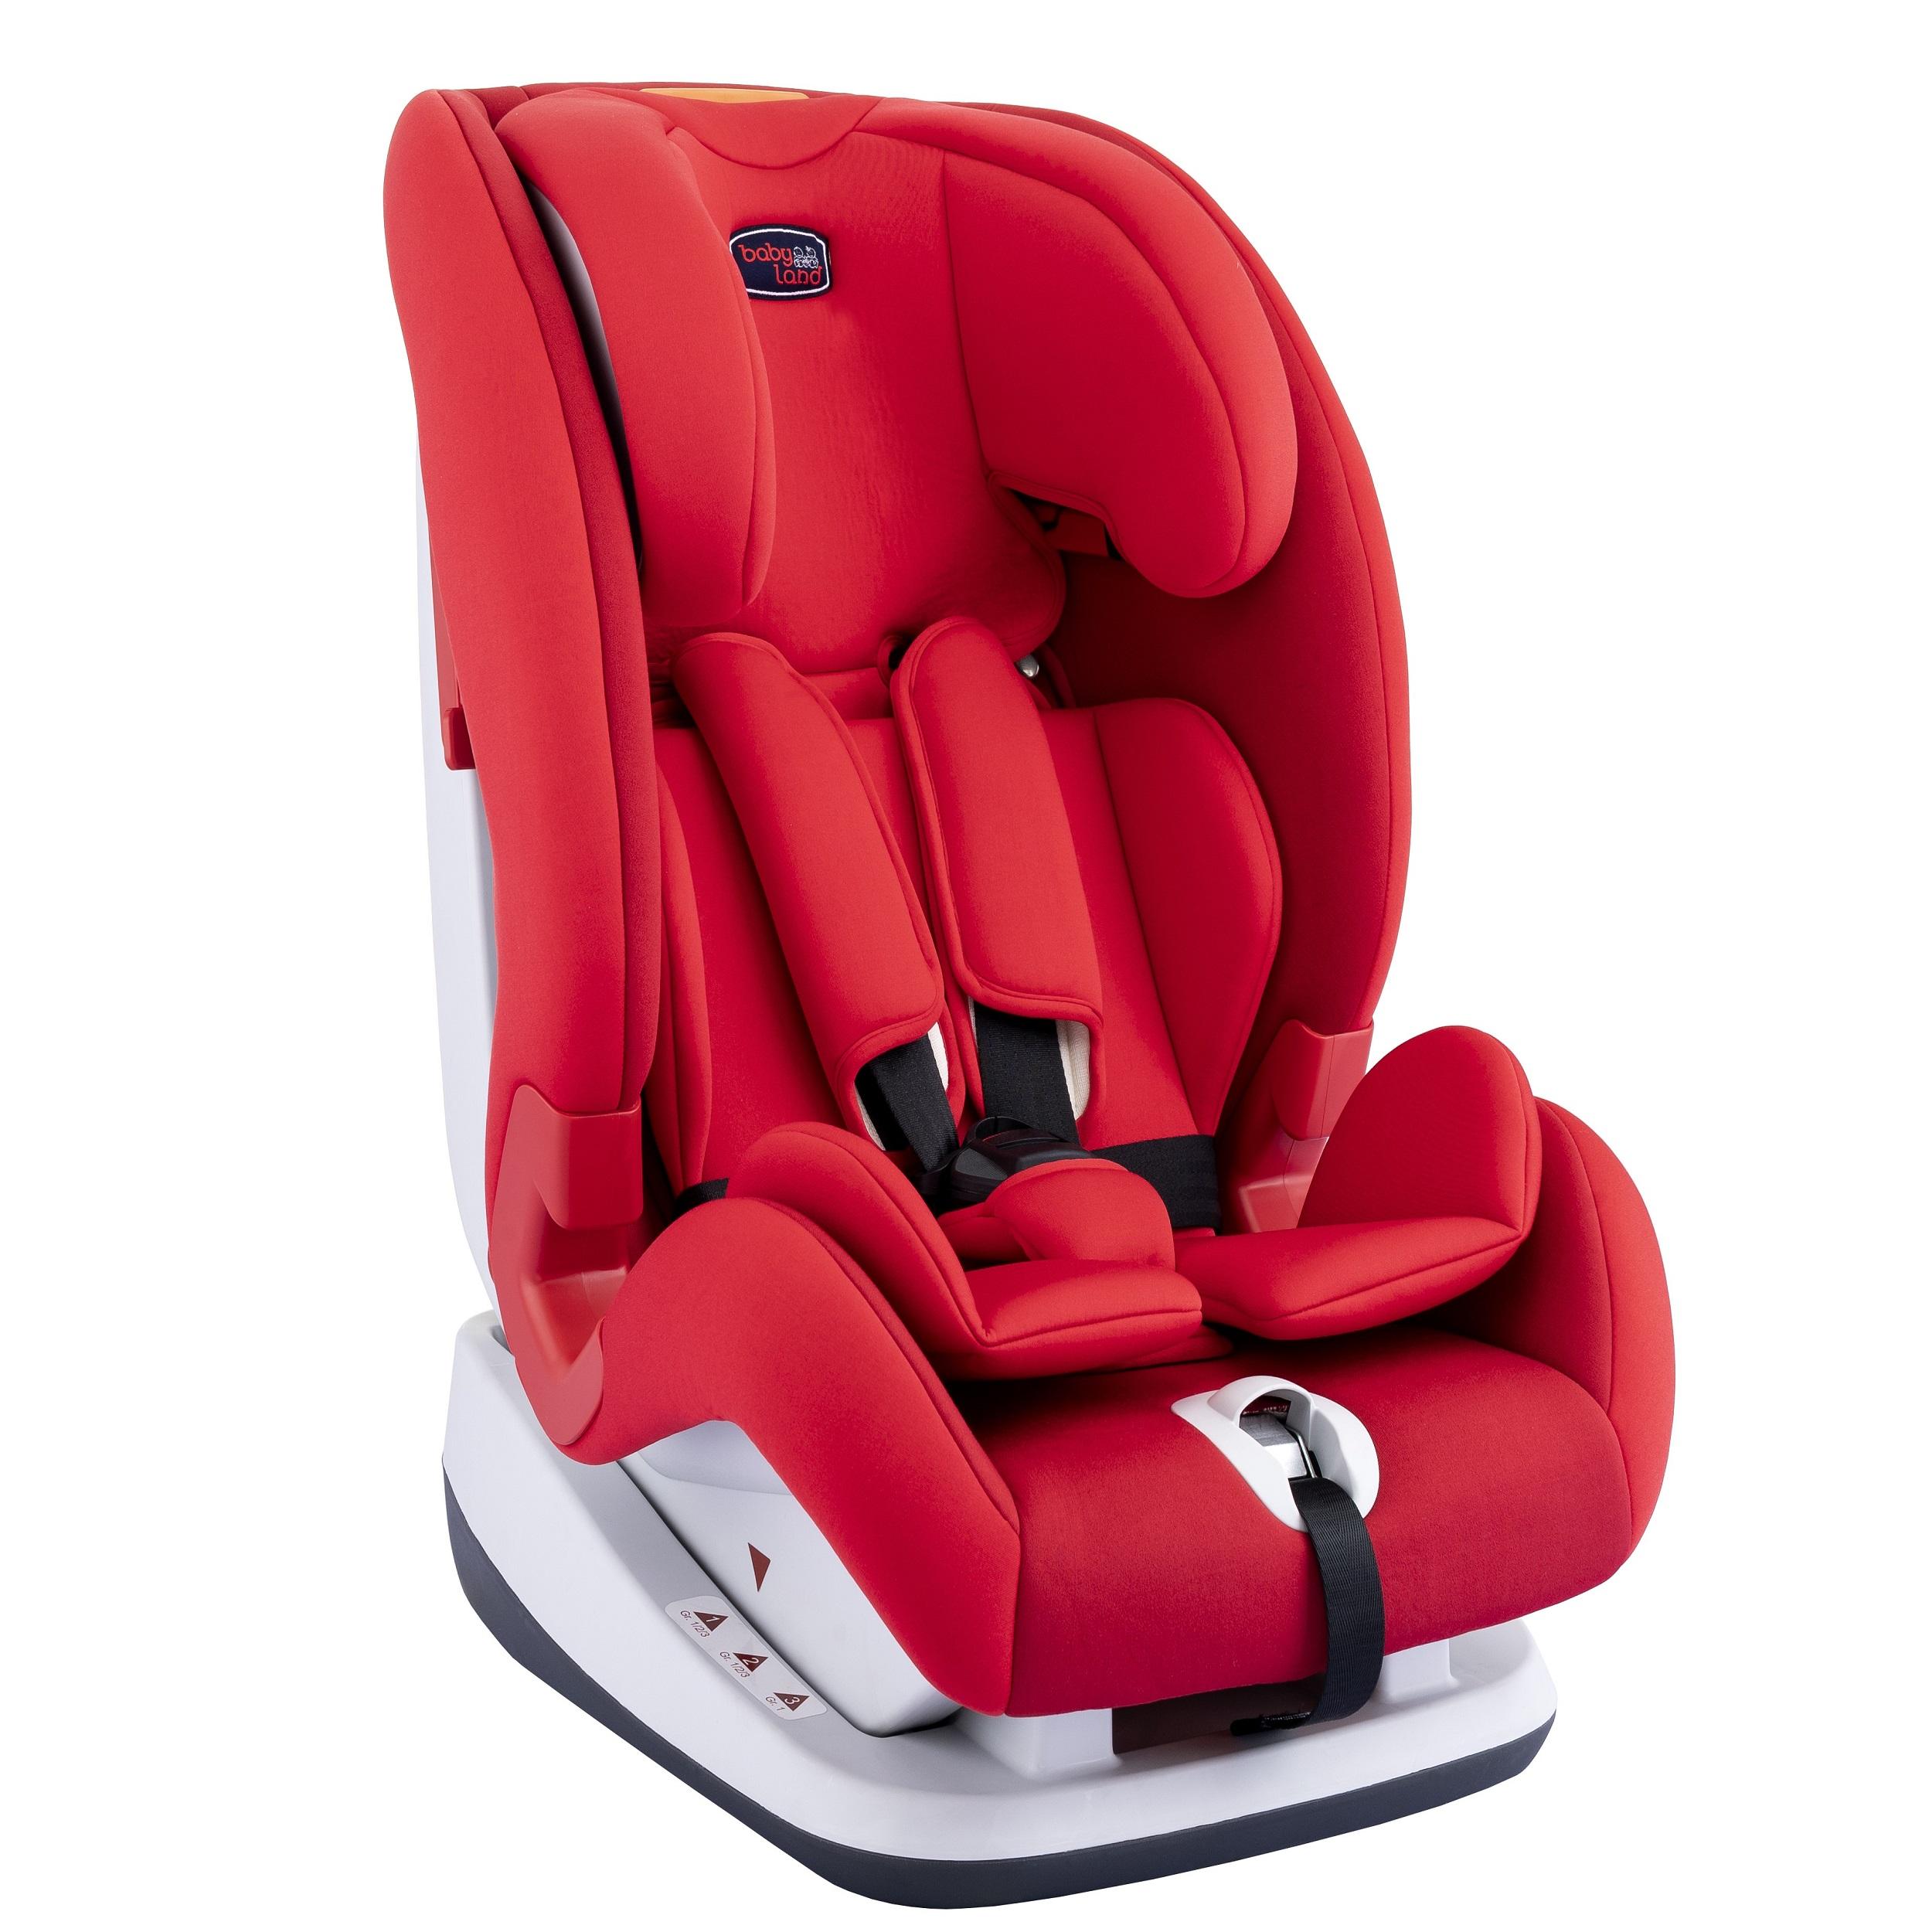 صندلی خودرو بیبی لند مدل Comfort